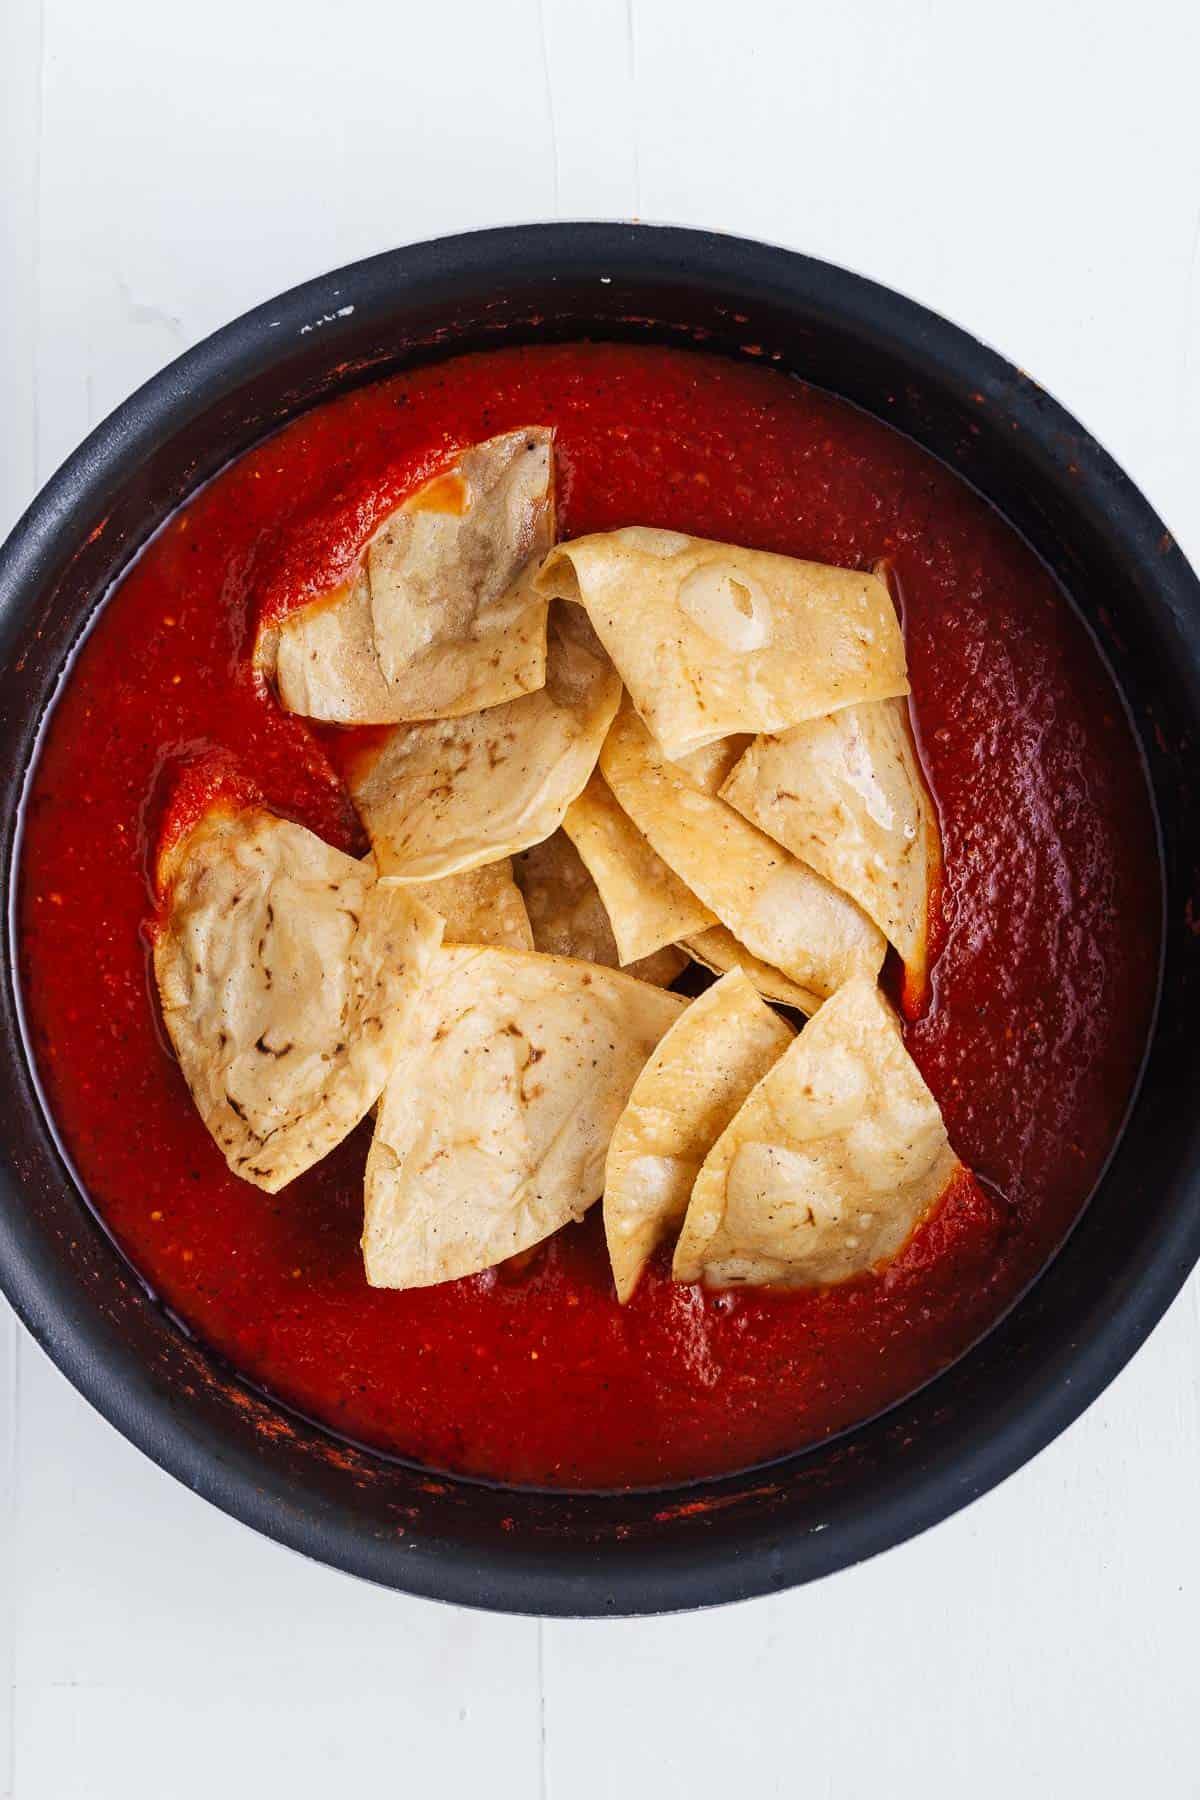 Tortilla Chips in a Pot of Salsa Roja